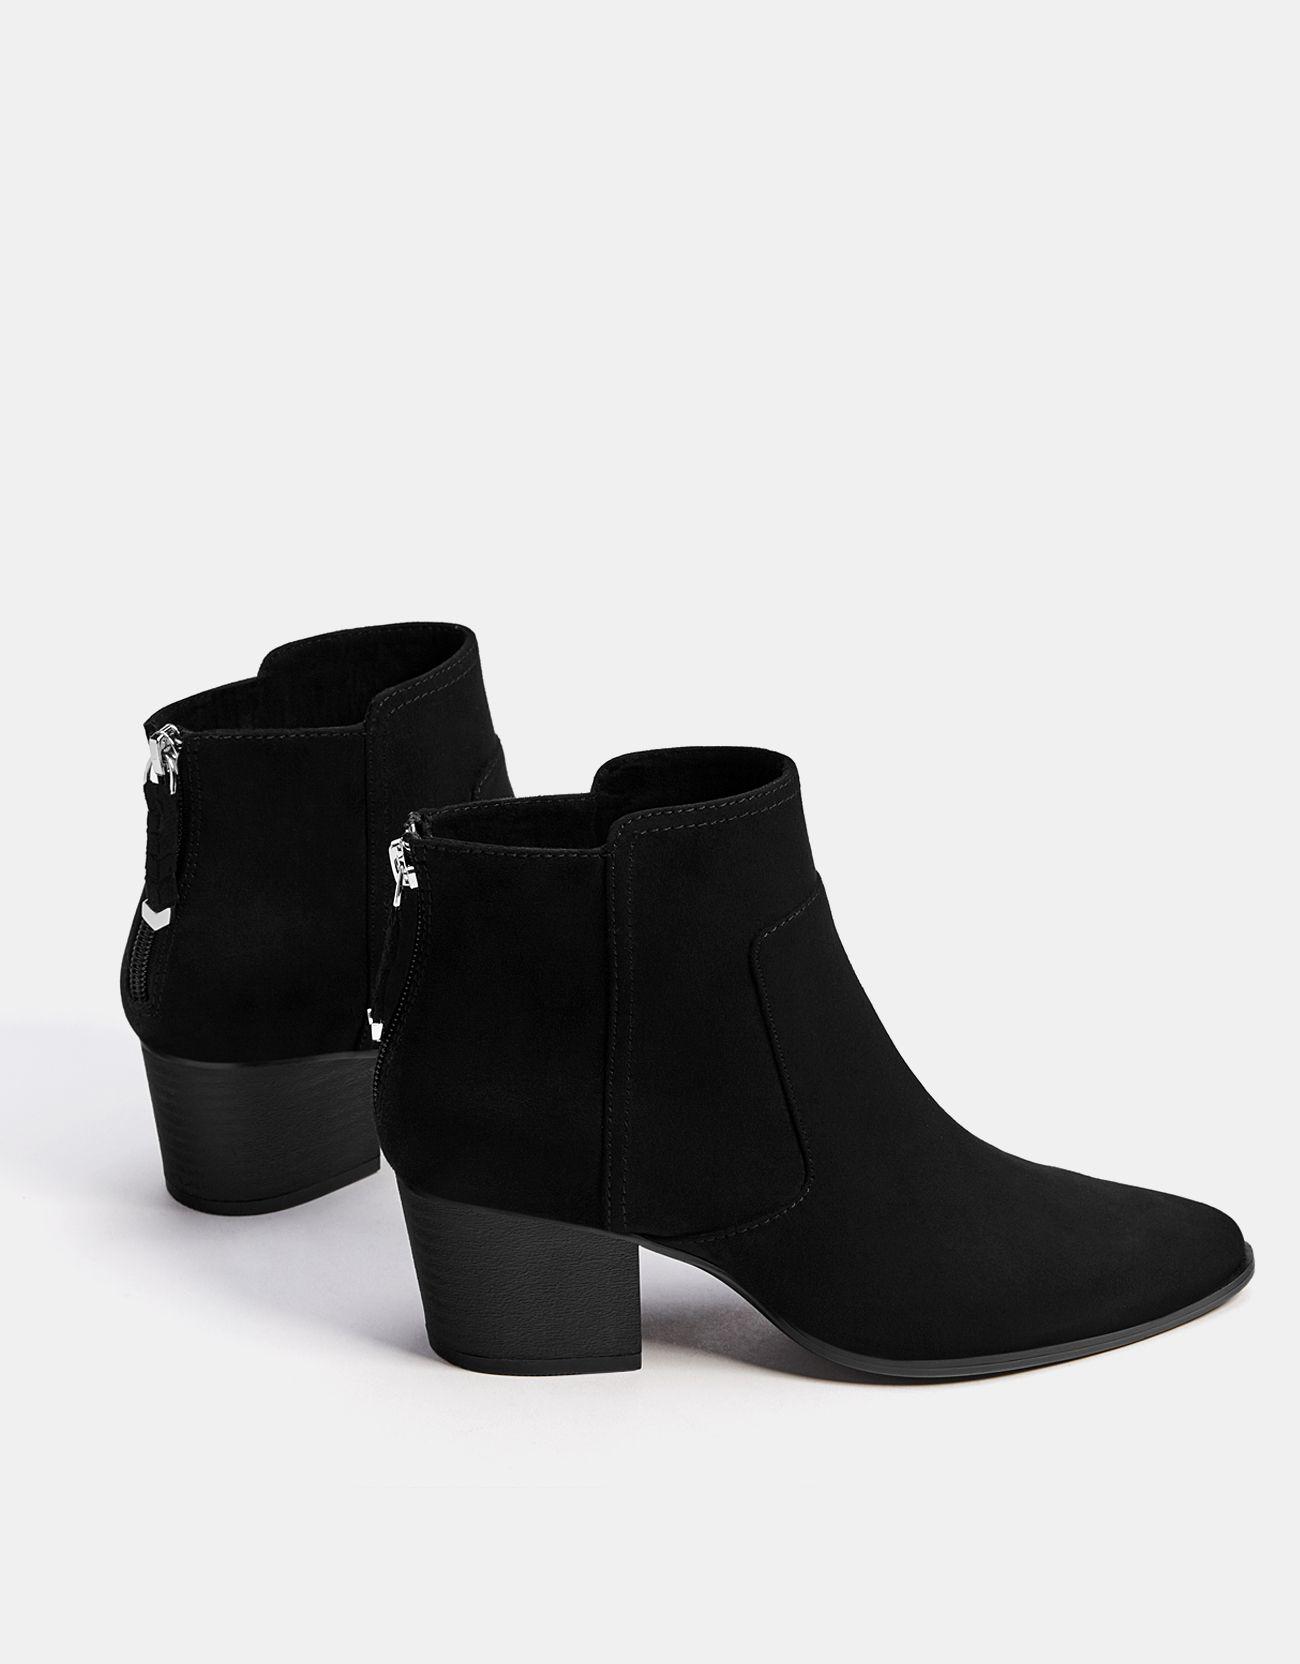 Cowboy Zapatos Pinterest Shoes And Boots Ankle Zip Botas dZwBqTxd